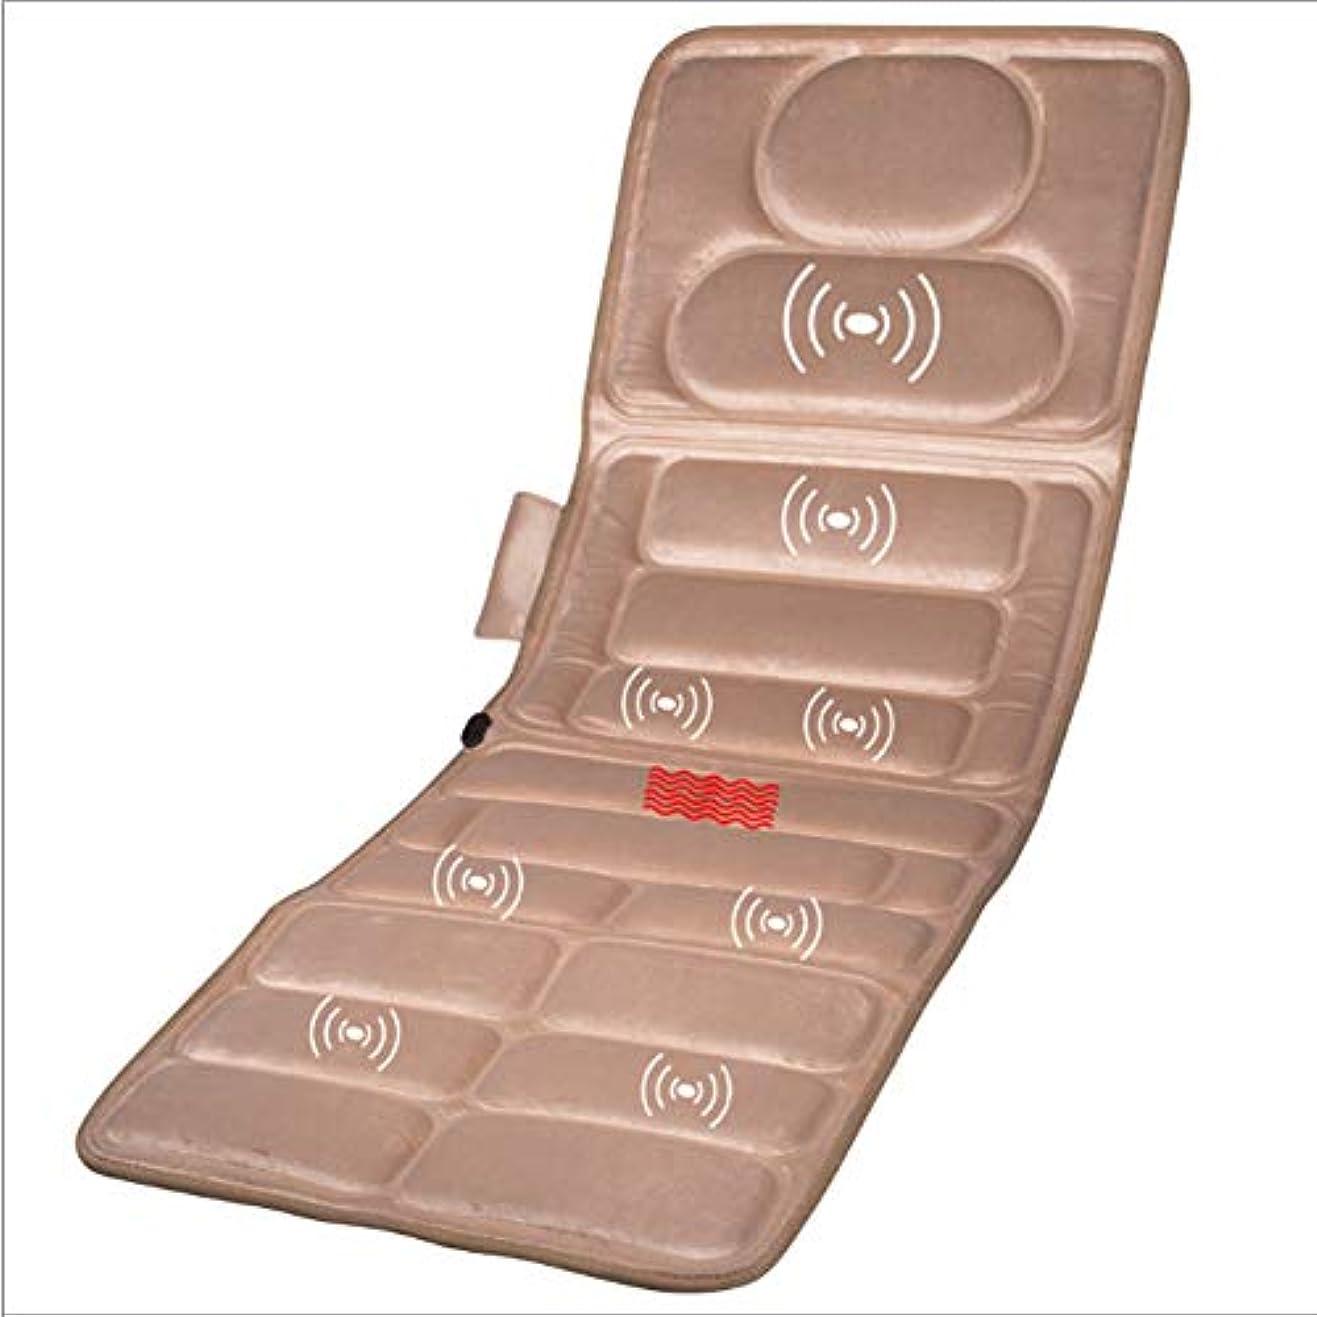 爆発爵提供マッサージパッド本体、9振動モーターと加熱パッド本体マッサージパッドフラットバック熱療法フロアチェアやベッド筋肉減圧ストレスとリモートコントロール